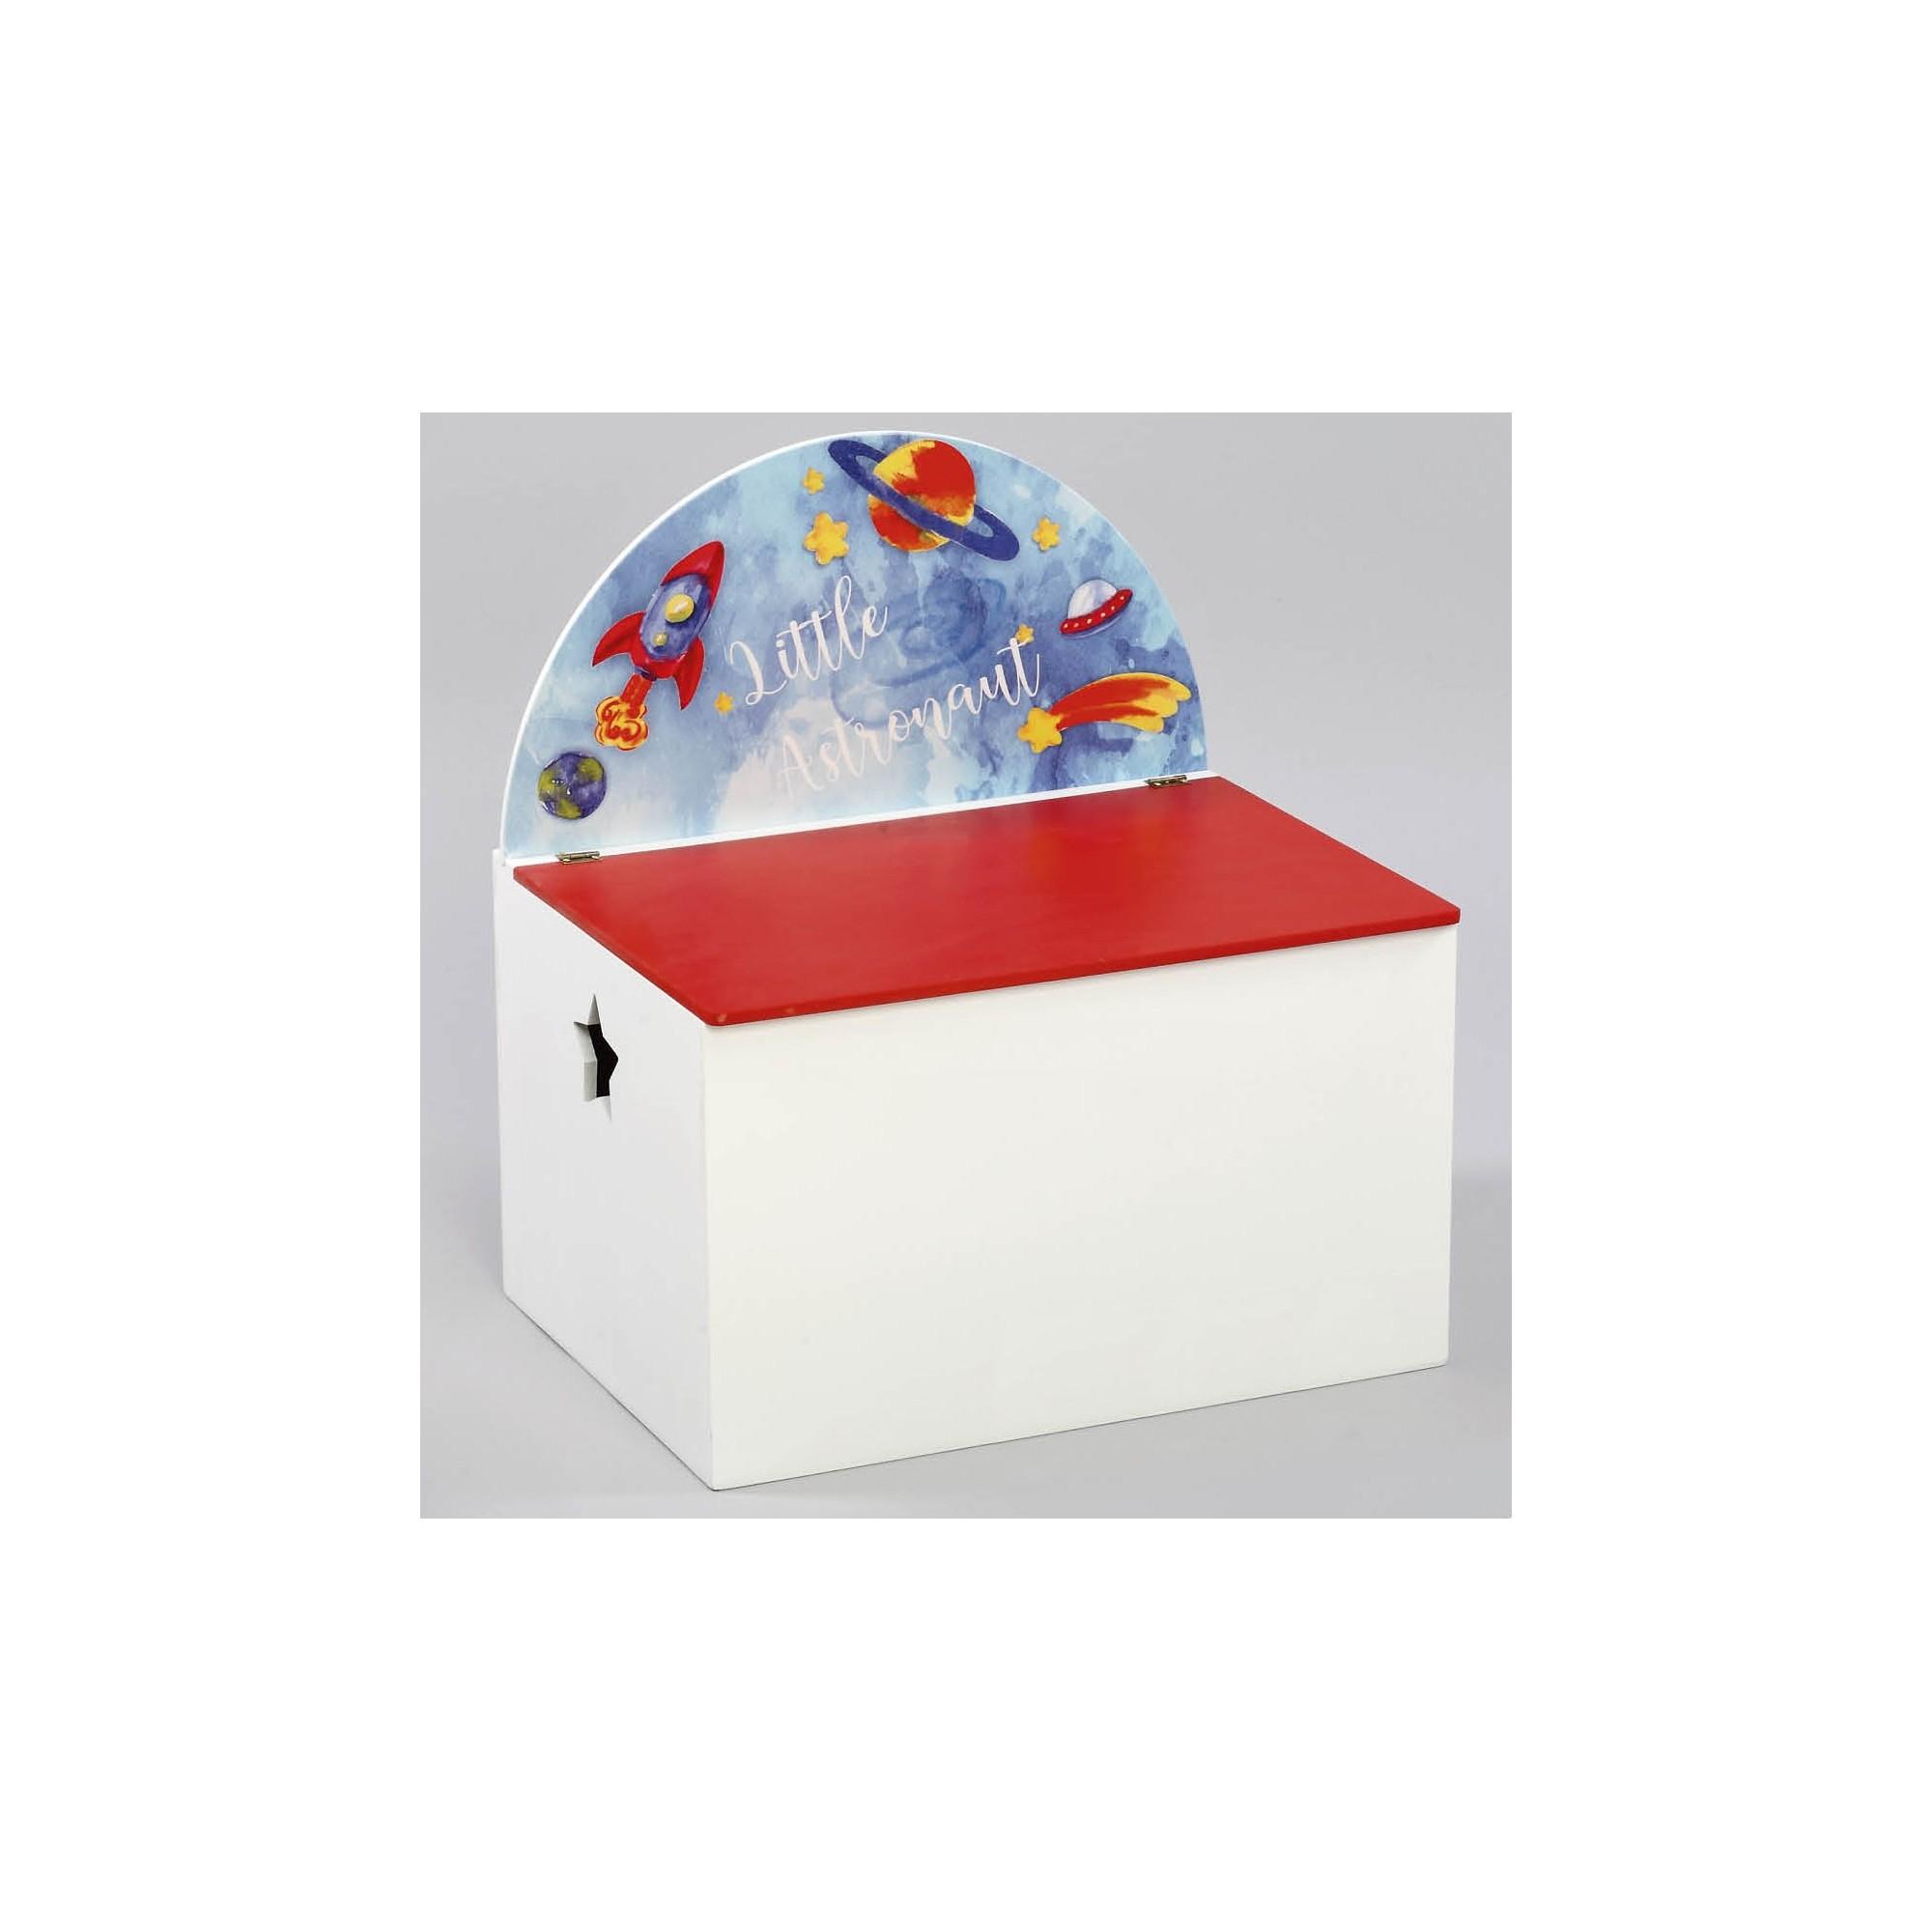 Κουτί βάπτισης Μικρός Αστροναύτης - Z-563